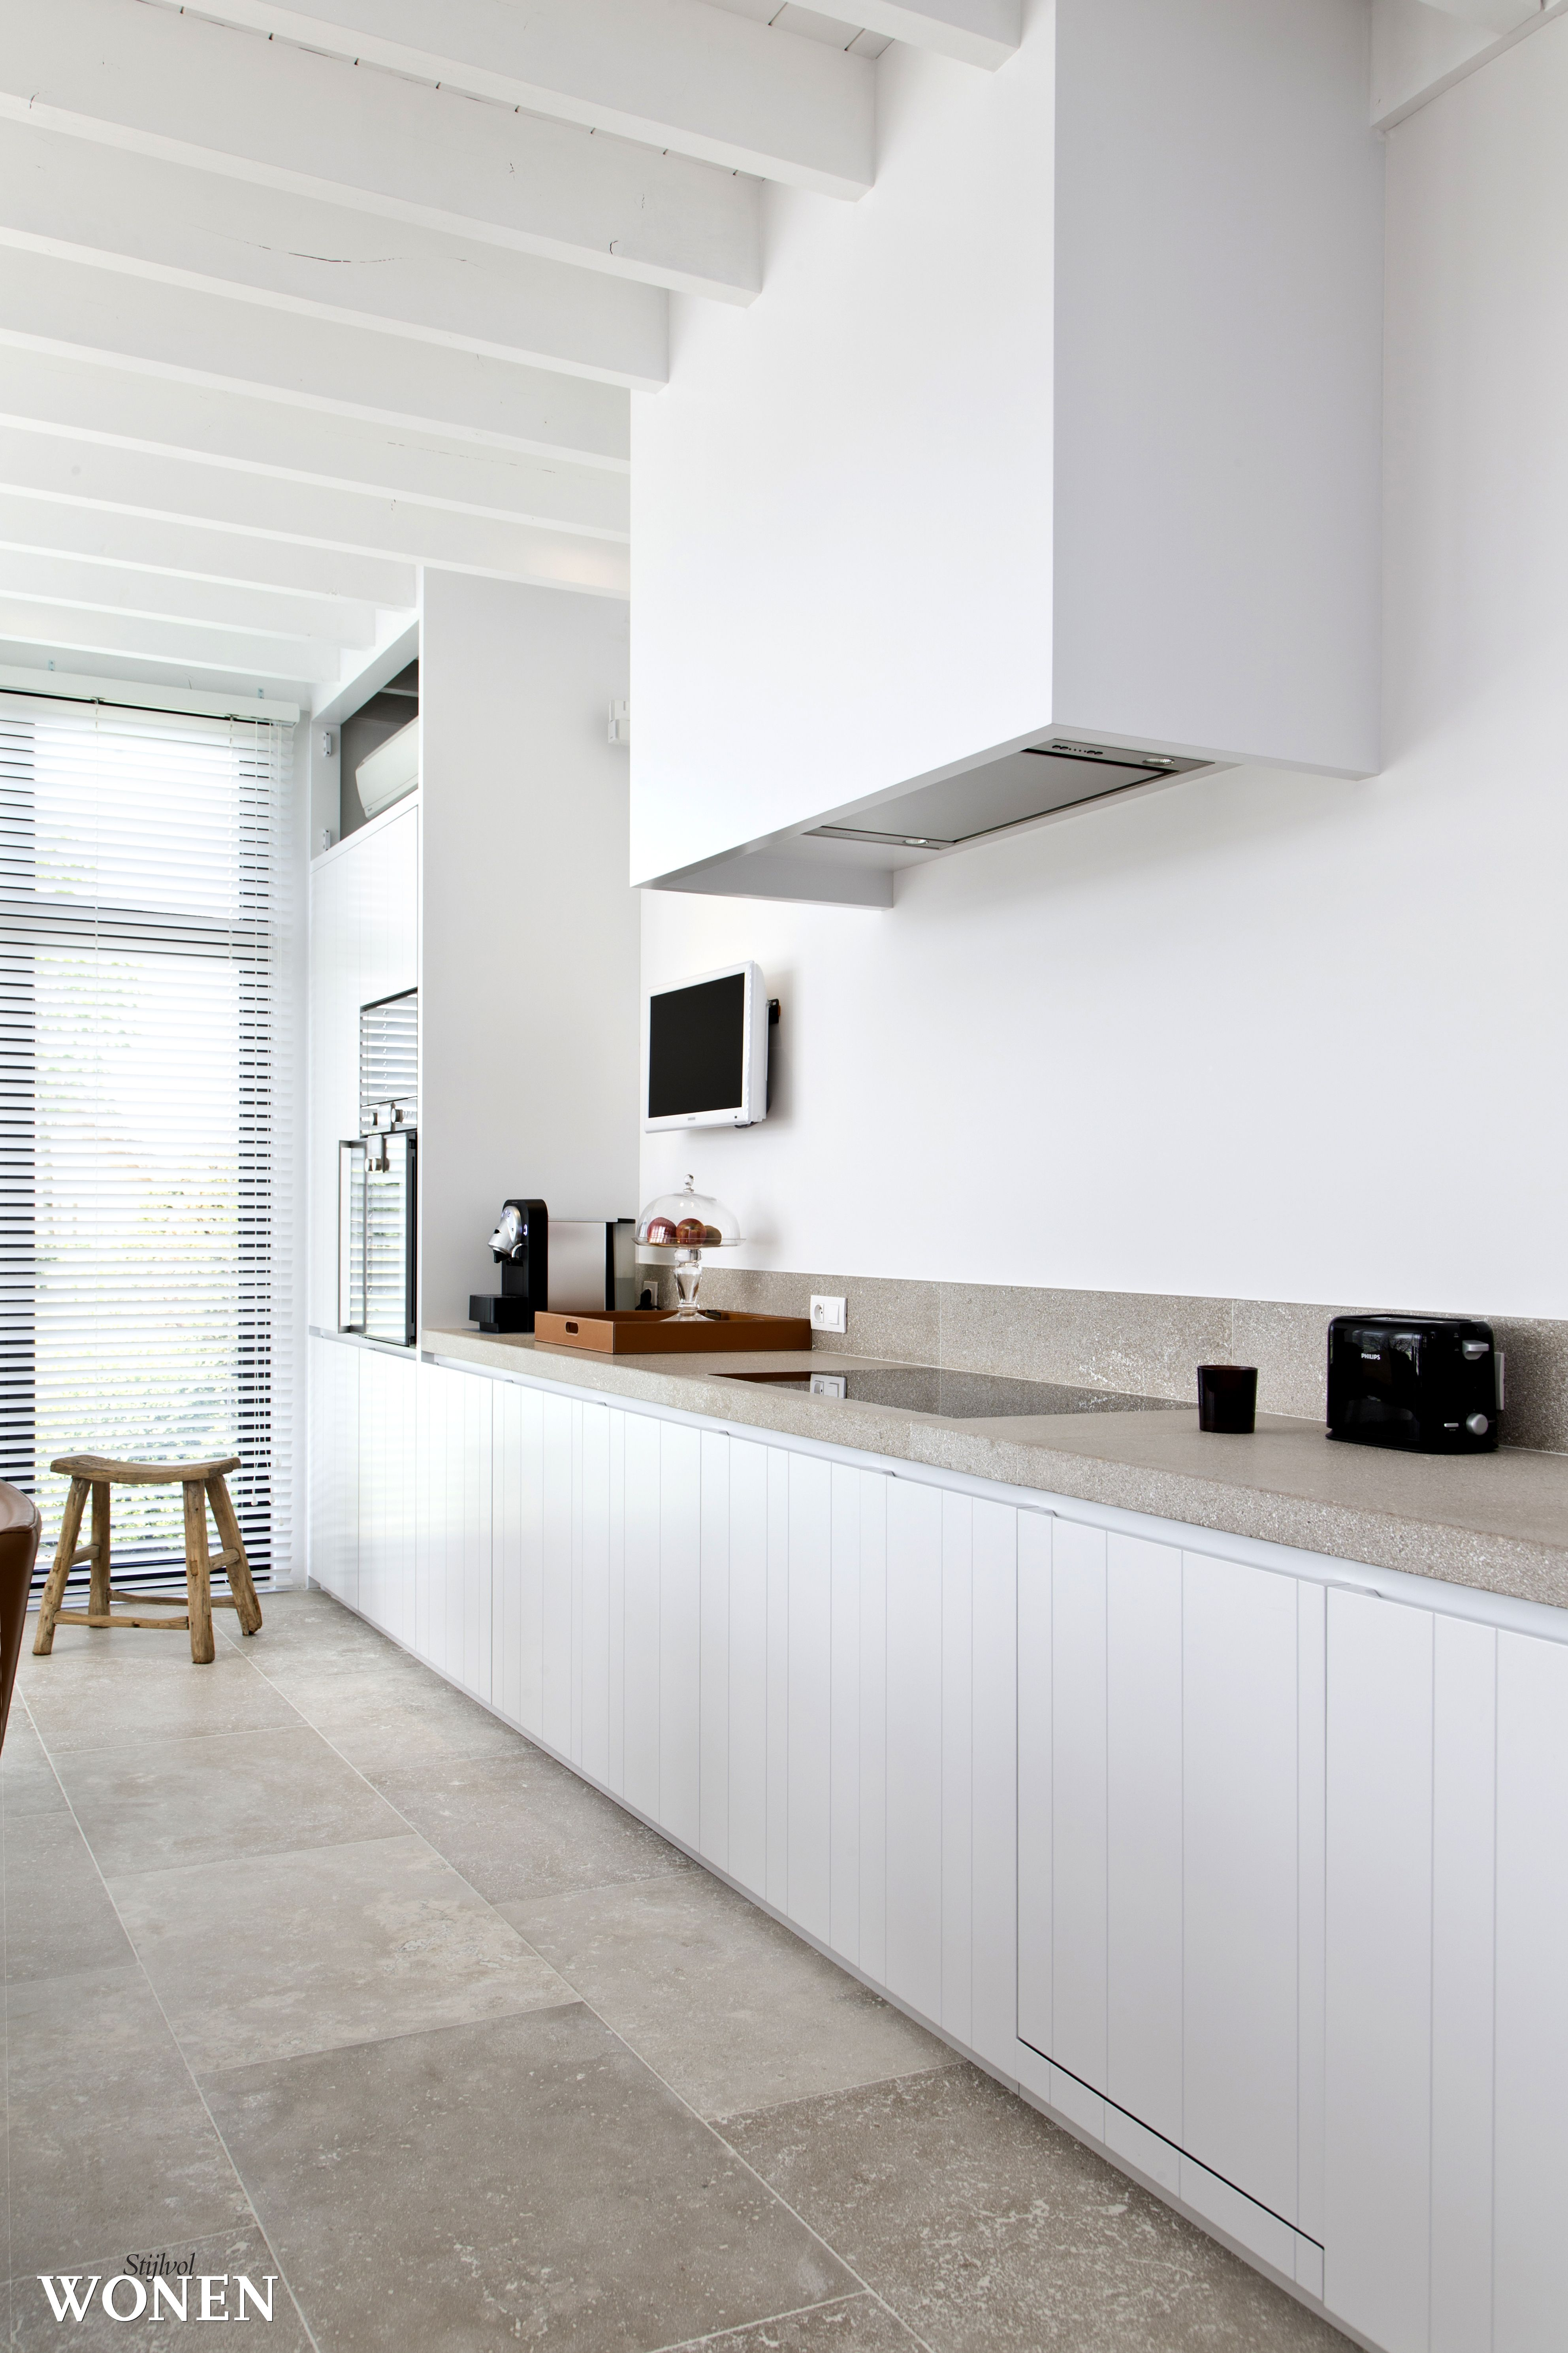 Cuisine minimaliste blanc et pierre cuisine kitchen for Minimaliste cuisine